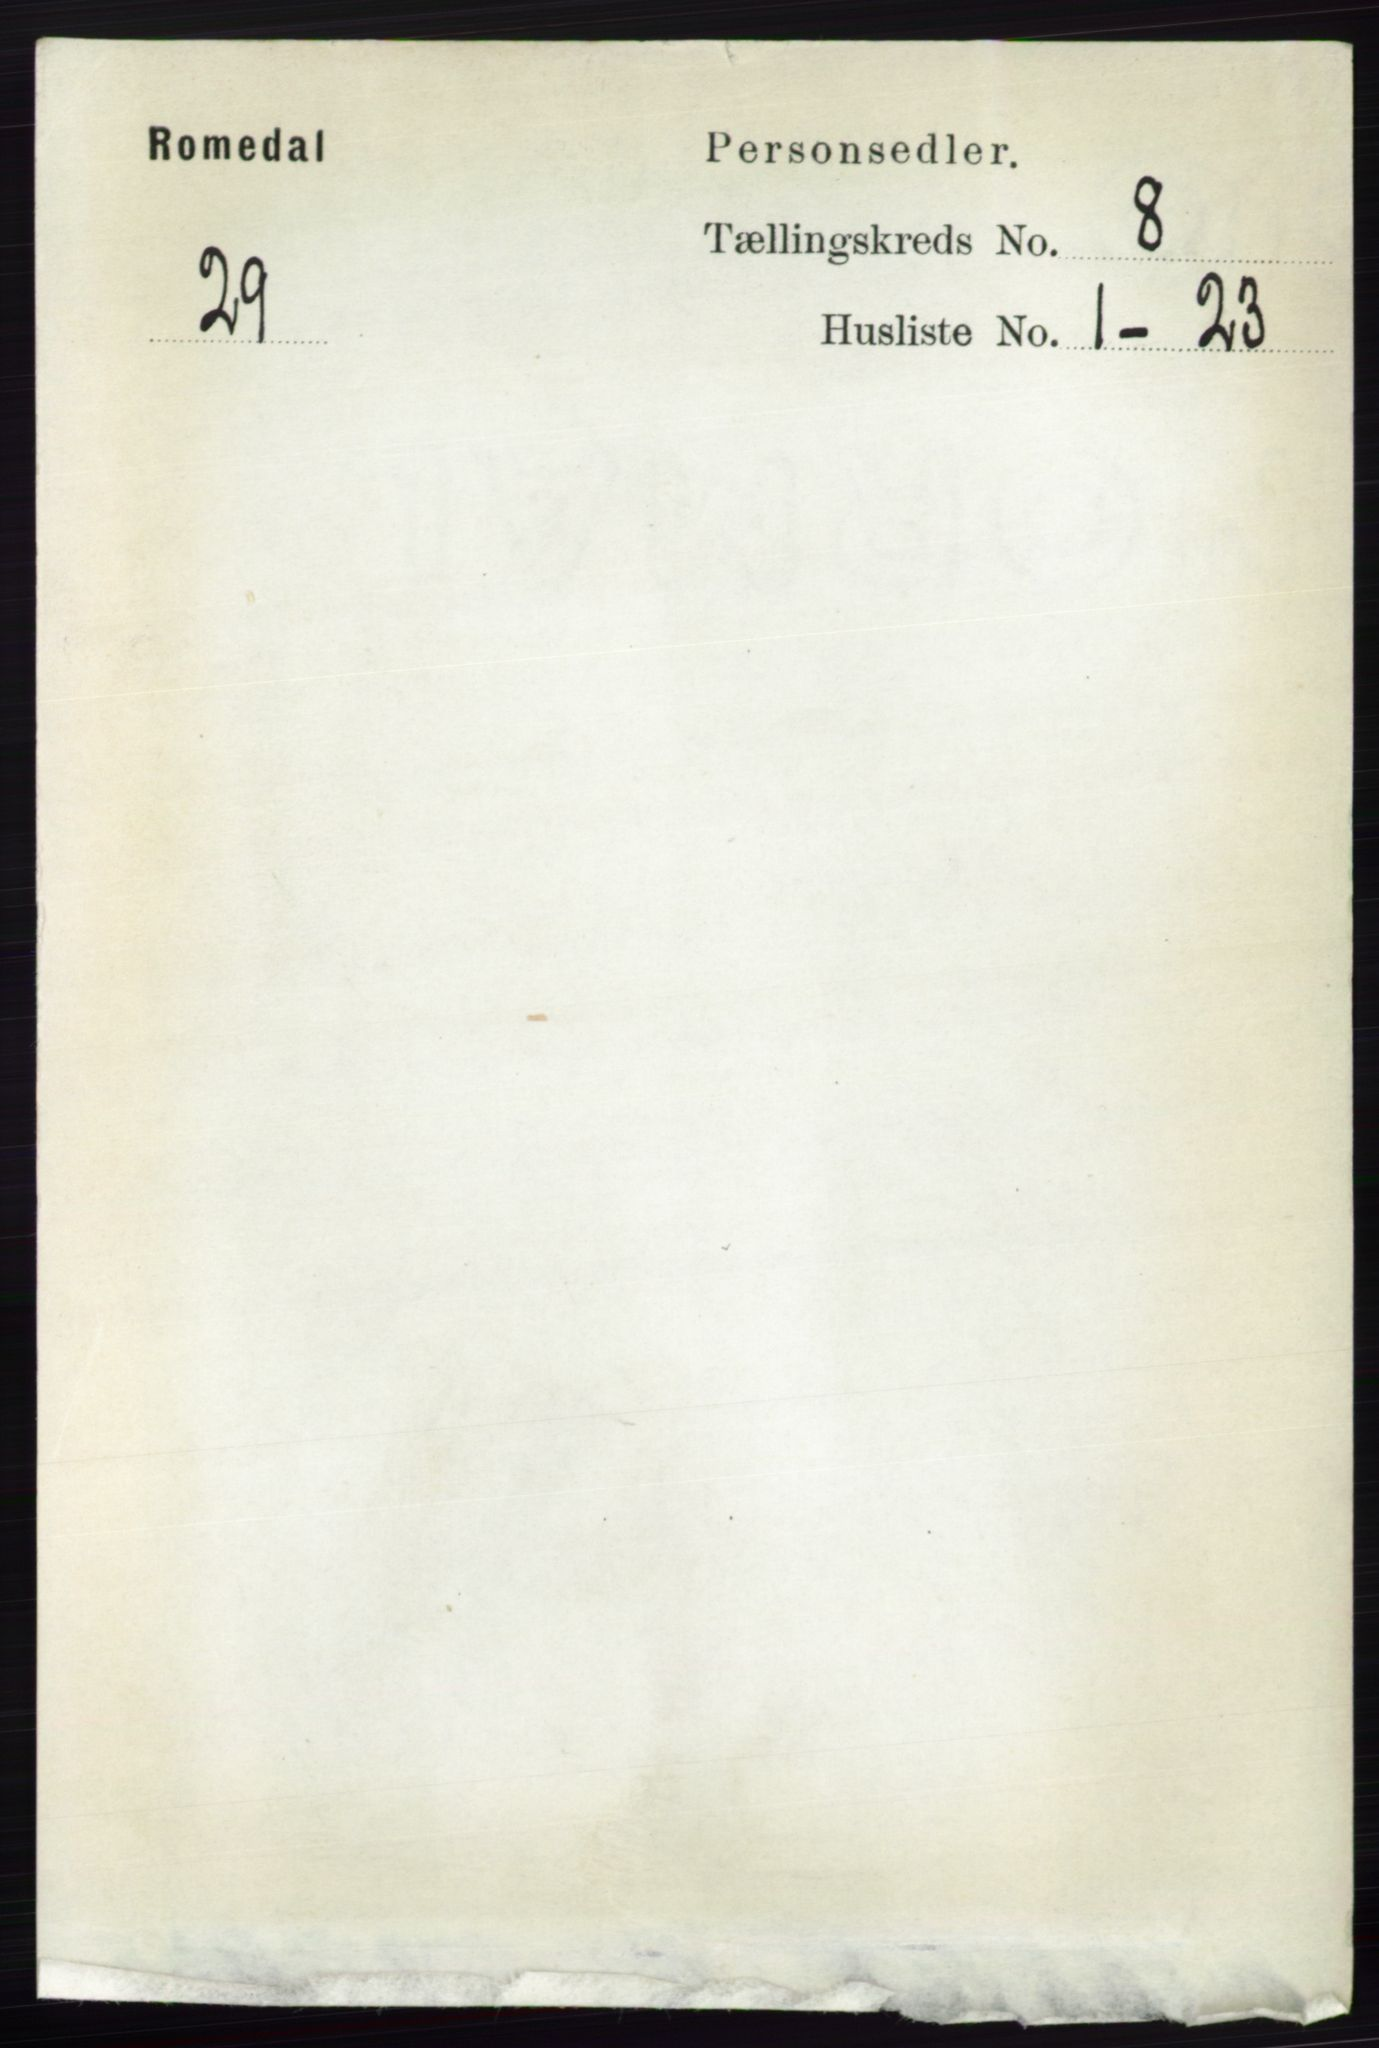 RA, Folketelling 1891 for 0416 Romedal herred, 1891, s. 3963